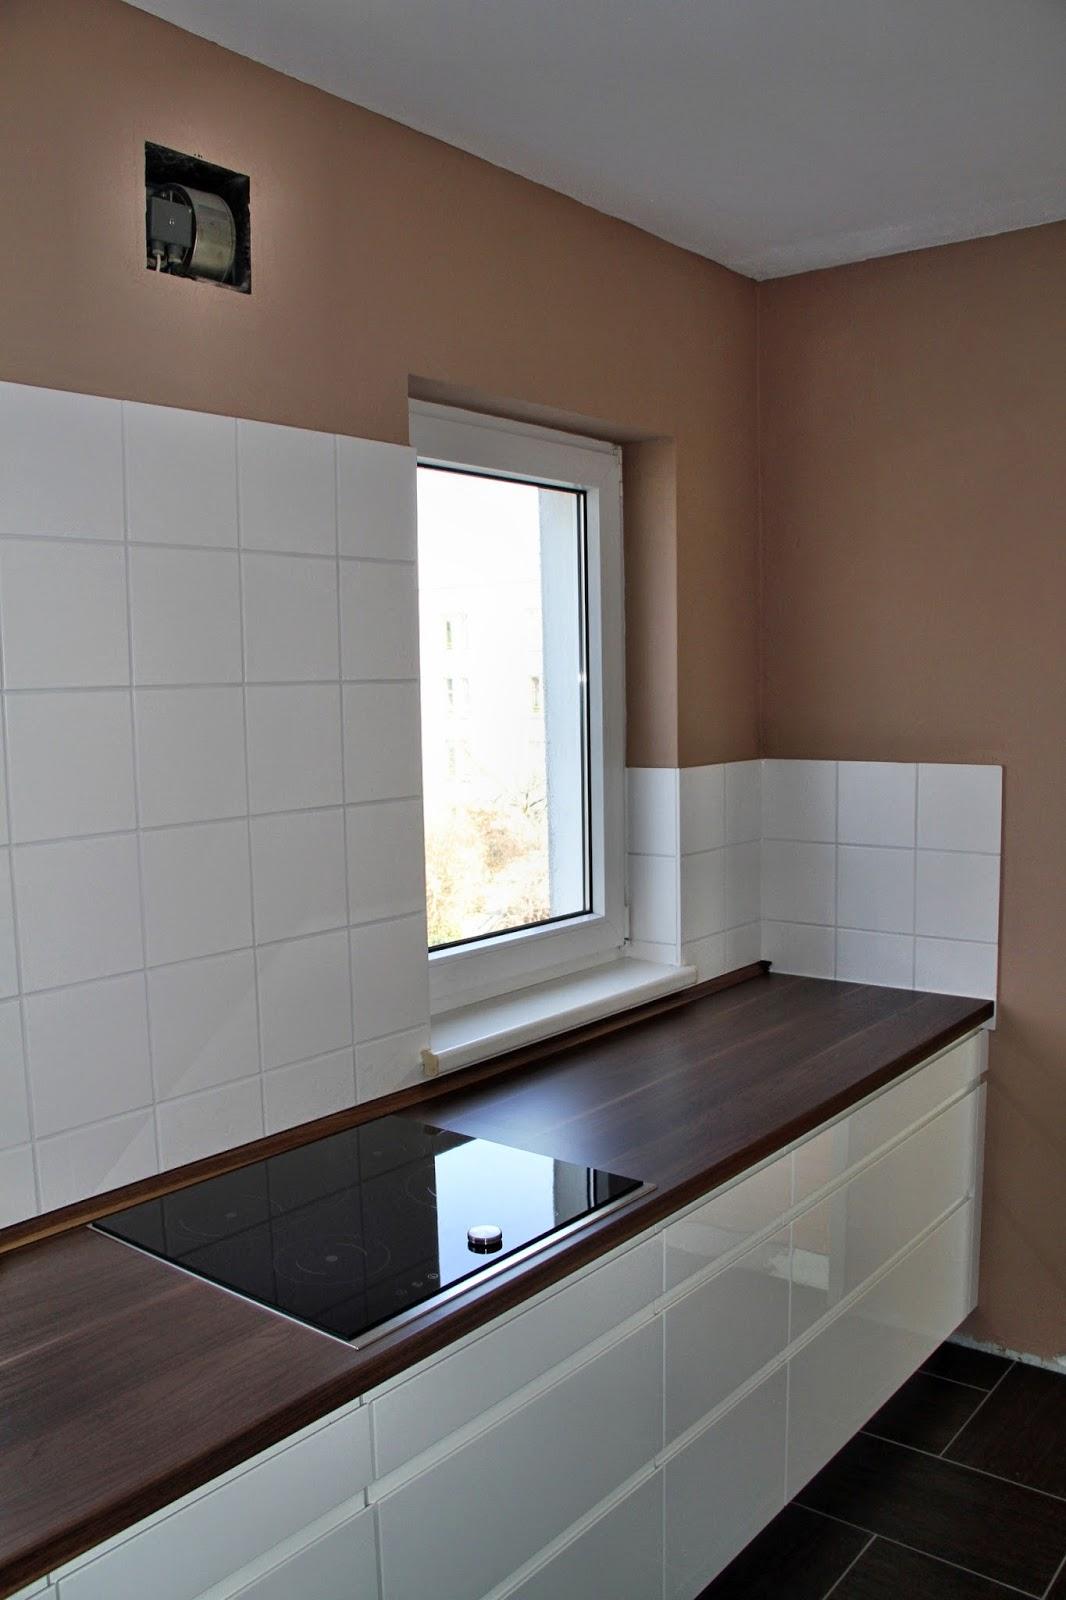 probleme mit induktionskochfeld induktionskochfeld die alternative zu einem klassischen gasherd. Black Bedroom Furniture Sets. Home Design Ideas